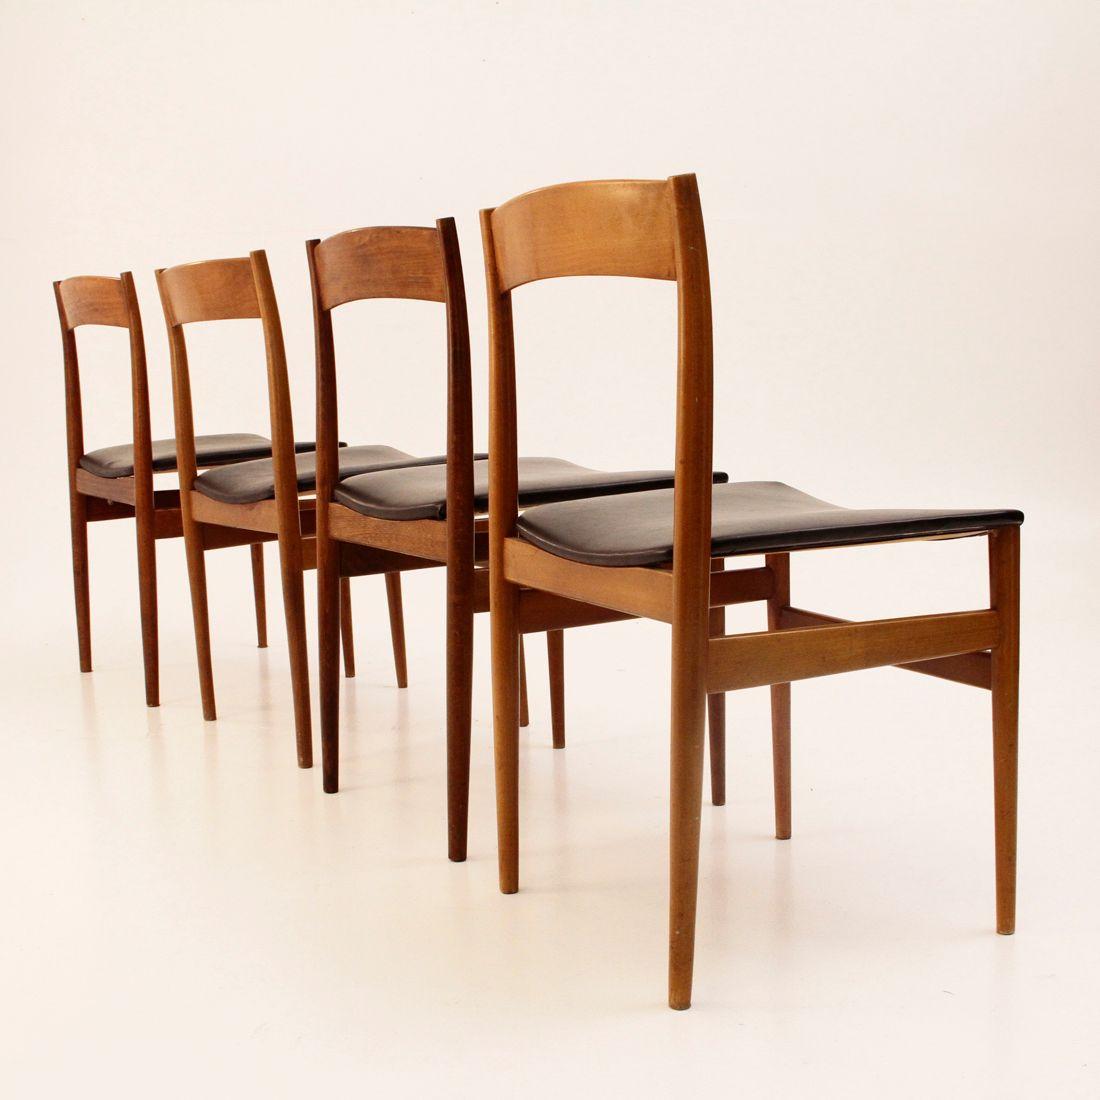 Chaises de salle manger mid century italie 1960s set for Salle a manger annee 1960